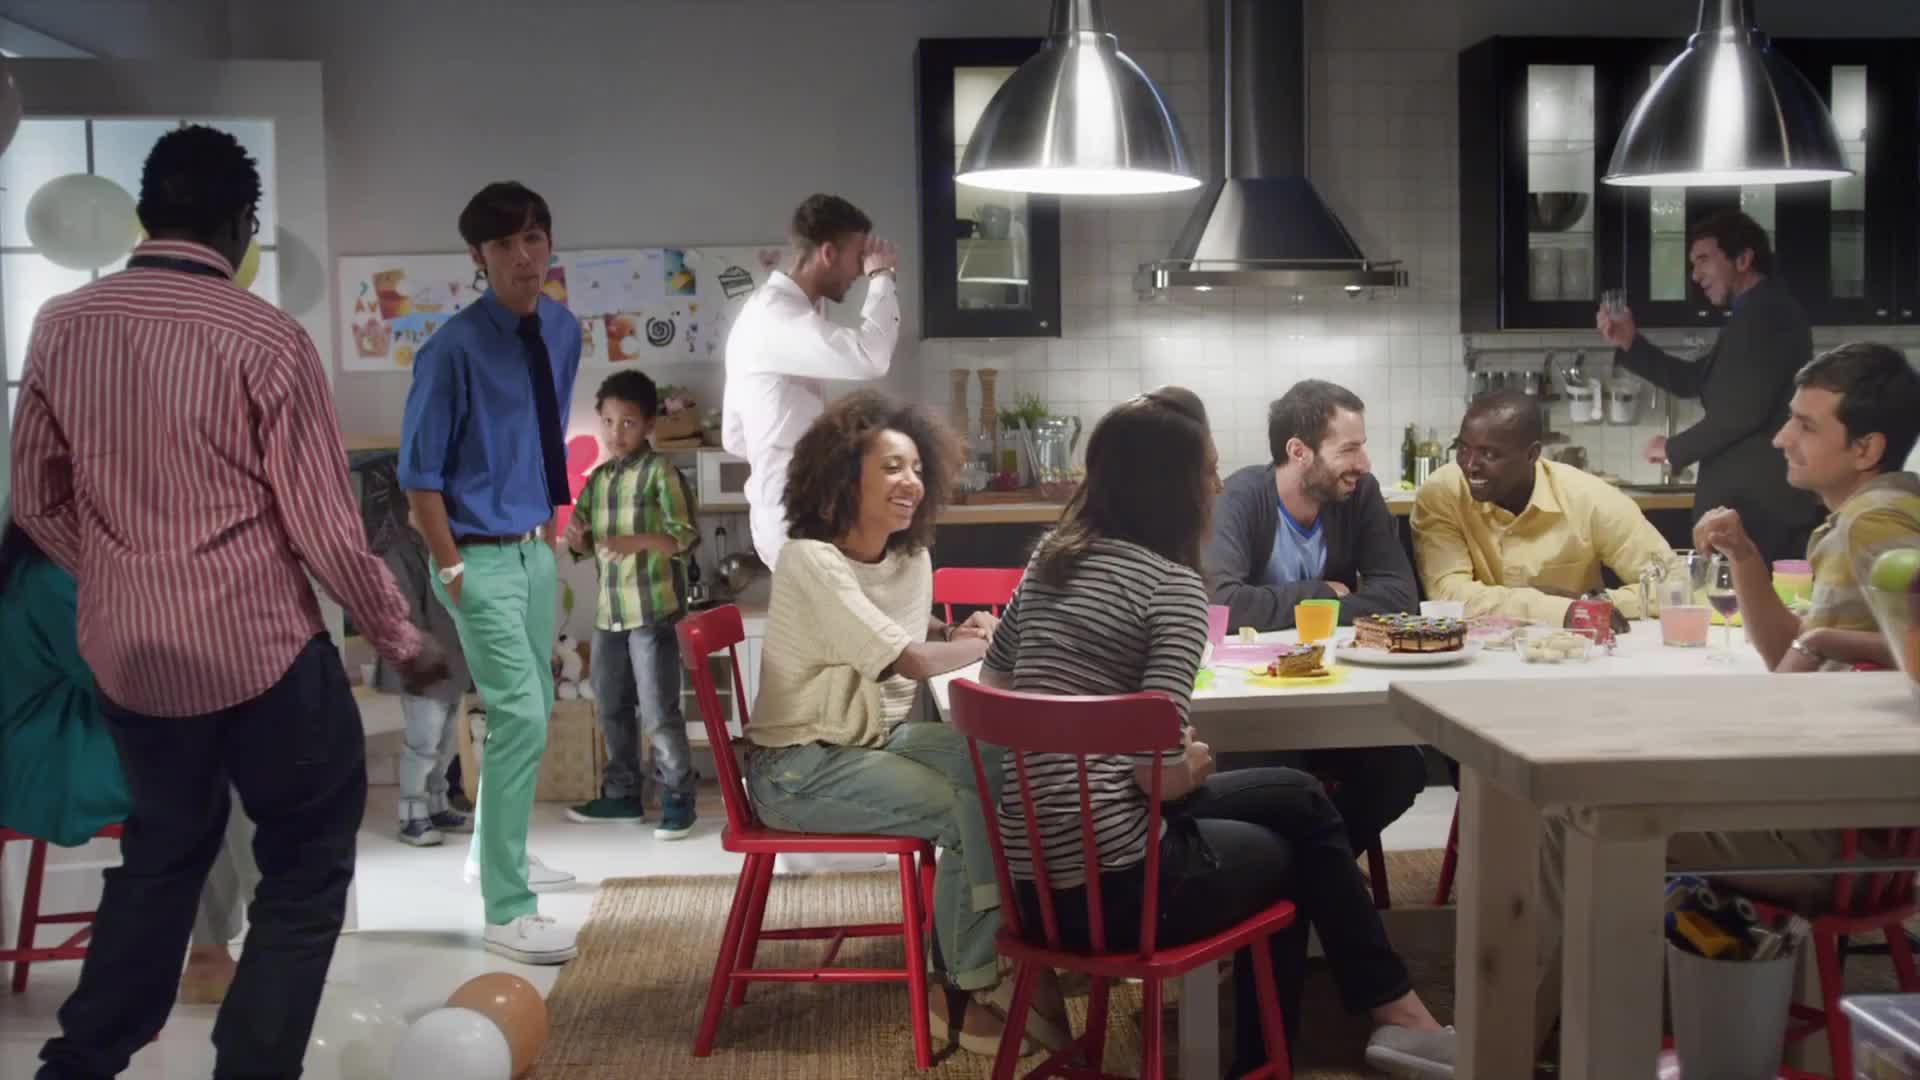 Ikea Kitchen Party Culture Pub